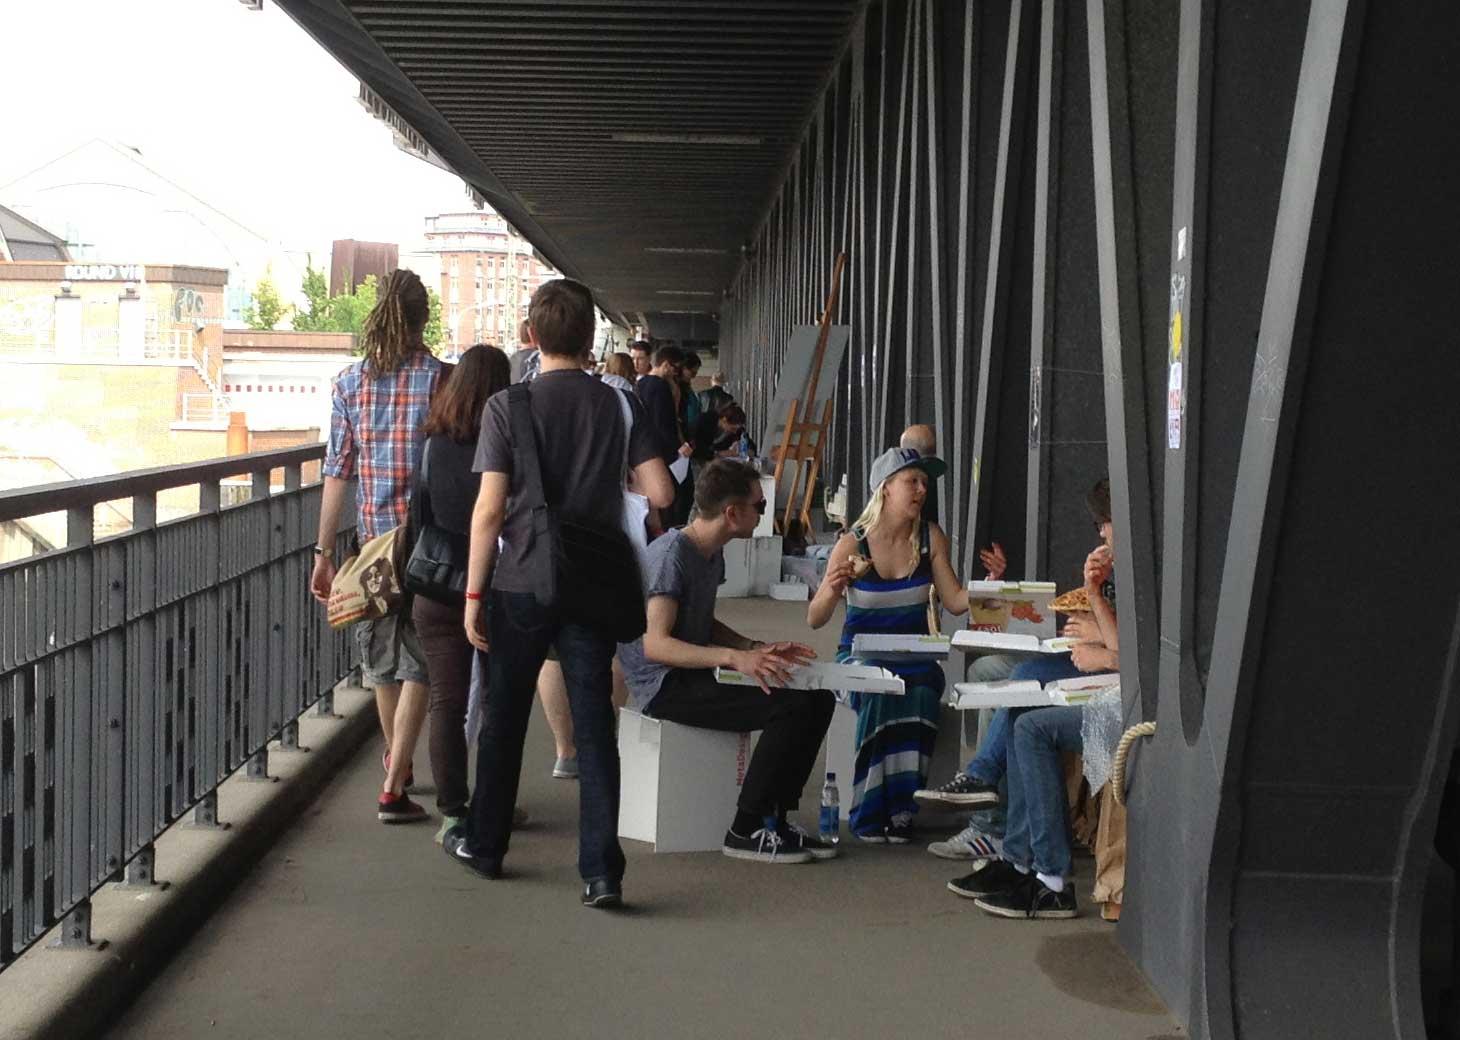 Picknick auf der Oberhafenbrücke während des Projektes mobile banking